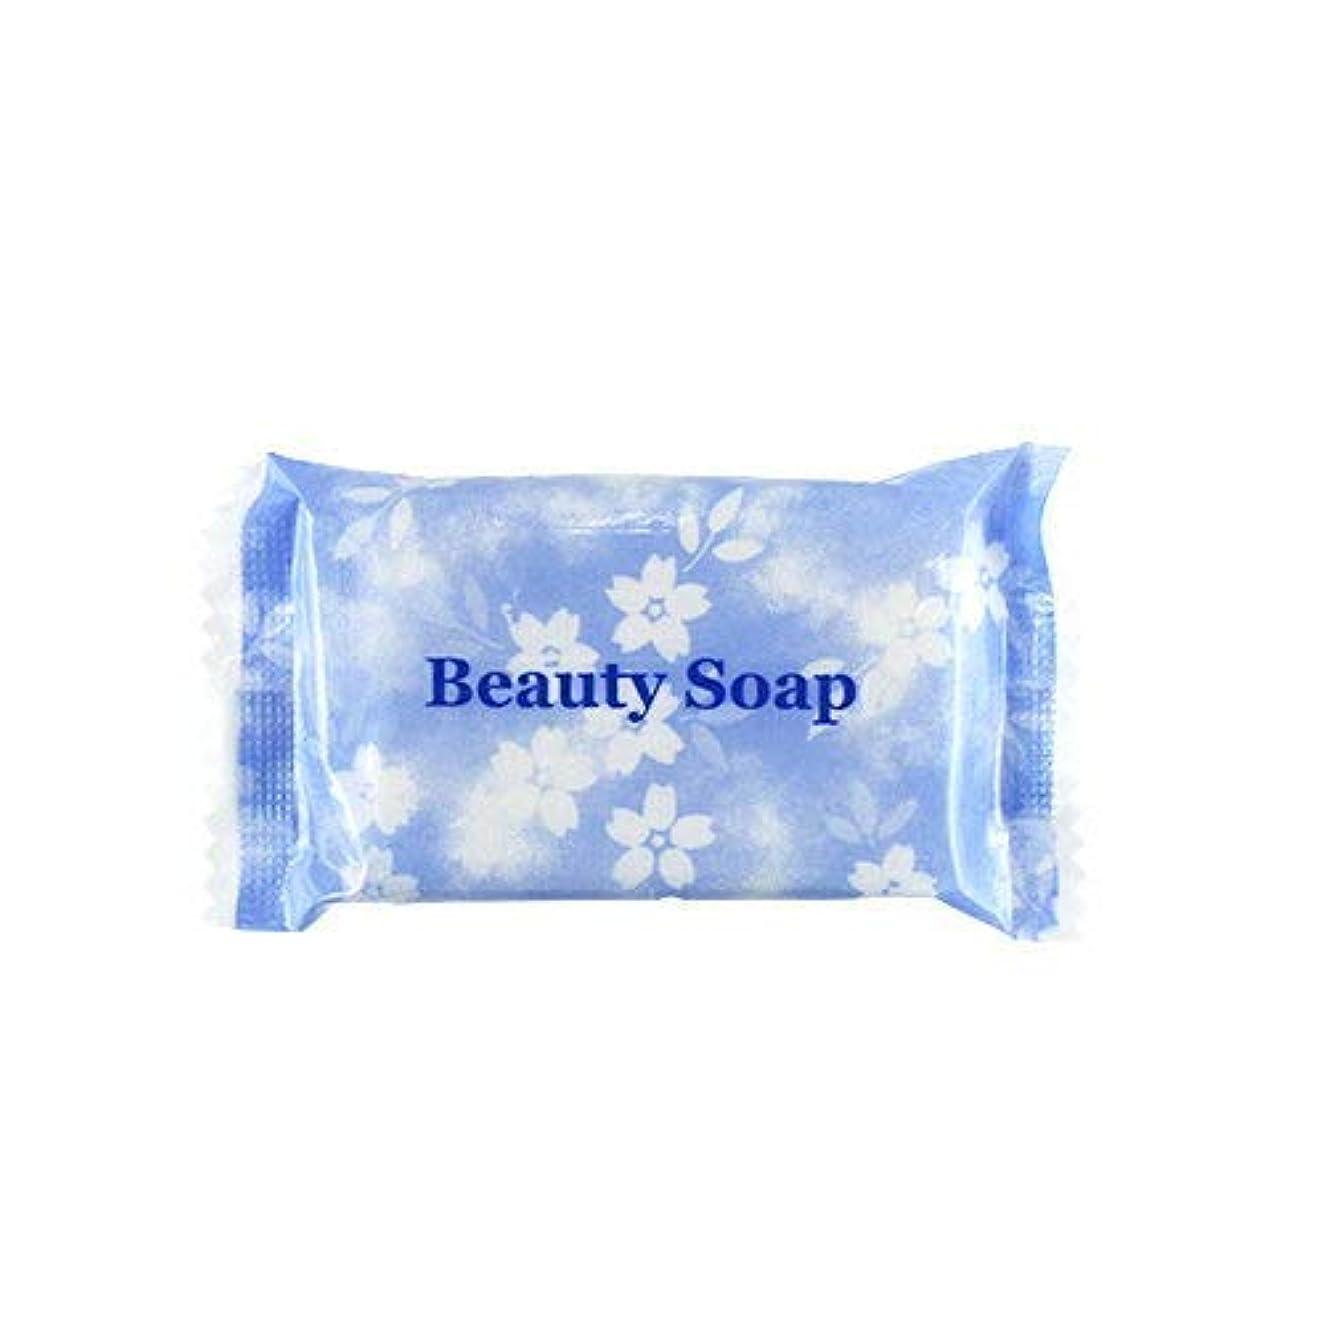 アラブサラボ土地荒れ地業務用 クロバーコーポレーション ビューティーソープ(Beauty Soap) 15g×30個セット | ホテルアメニティ 個包装